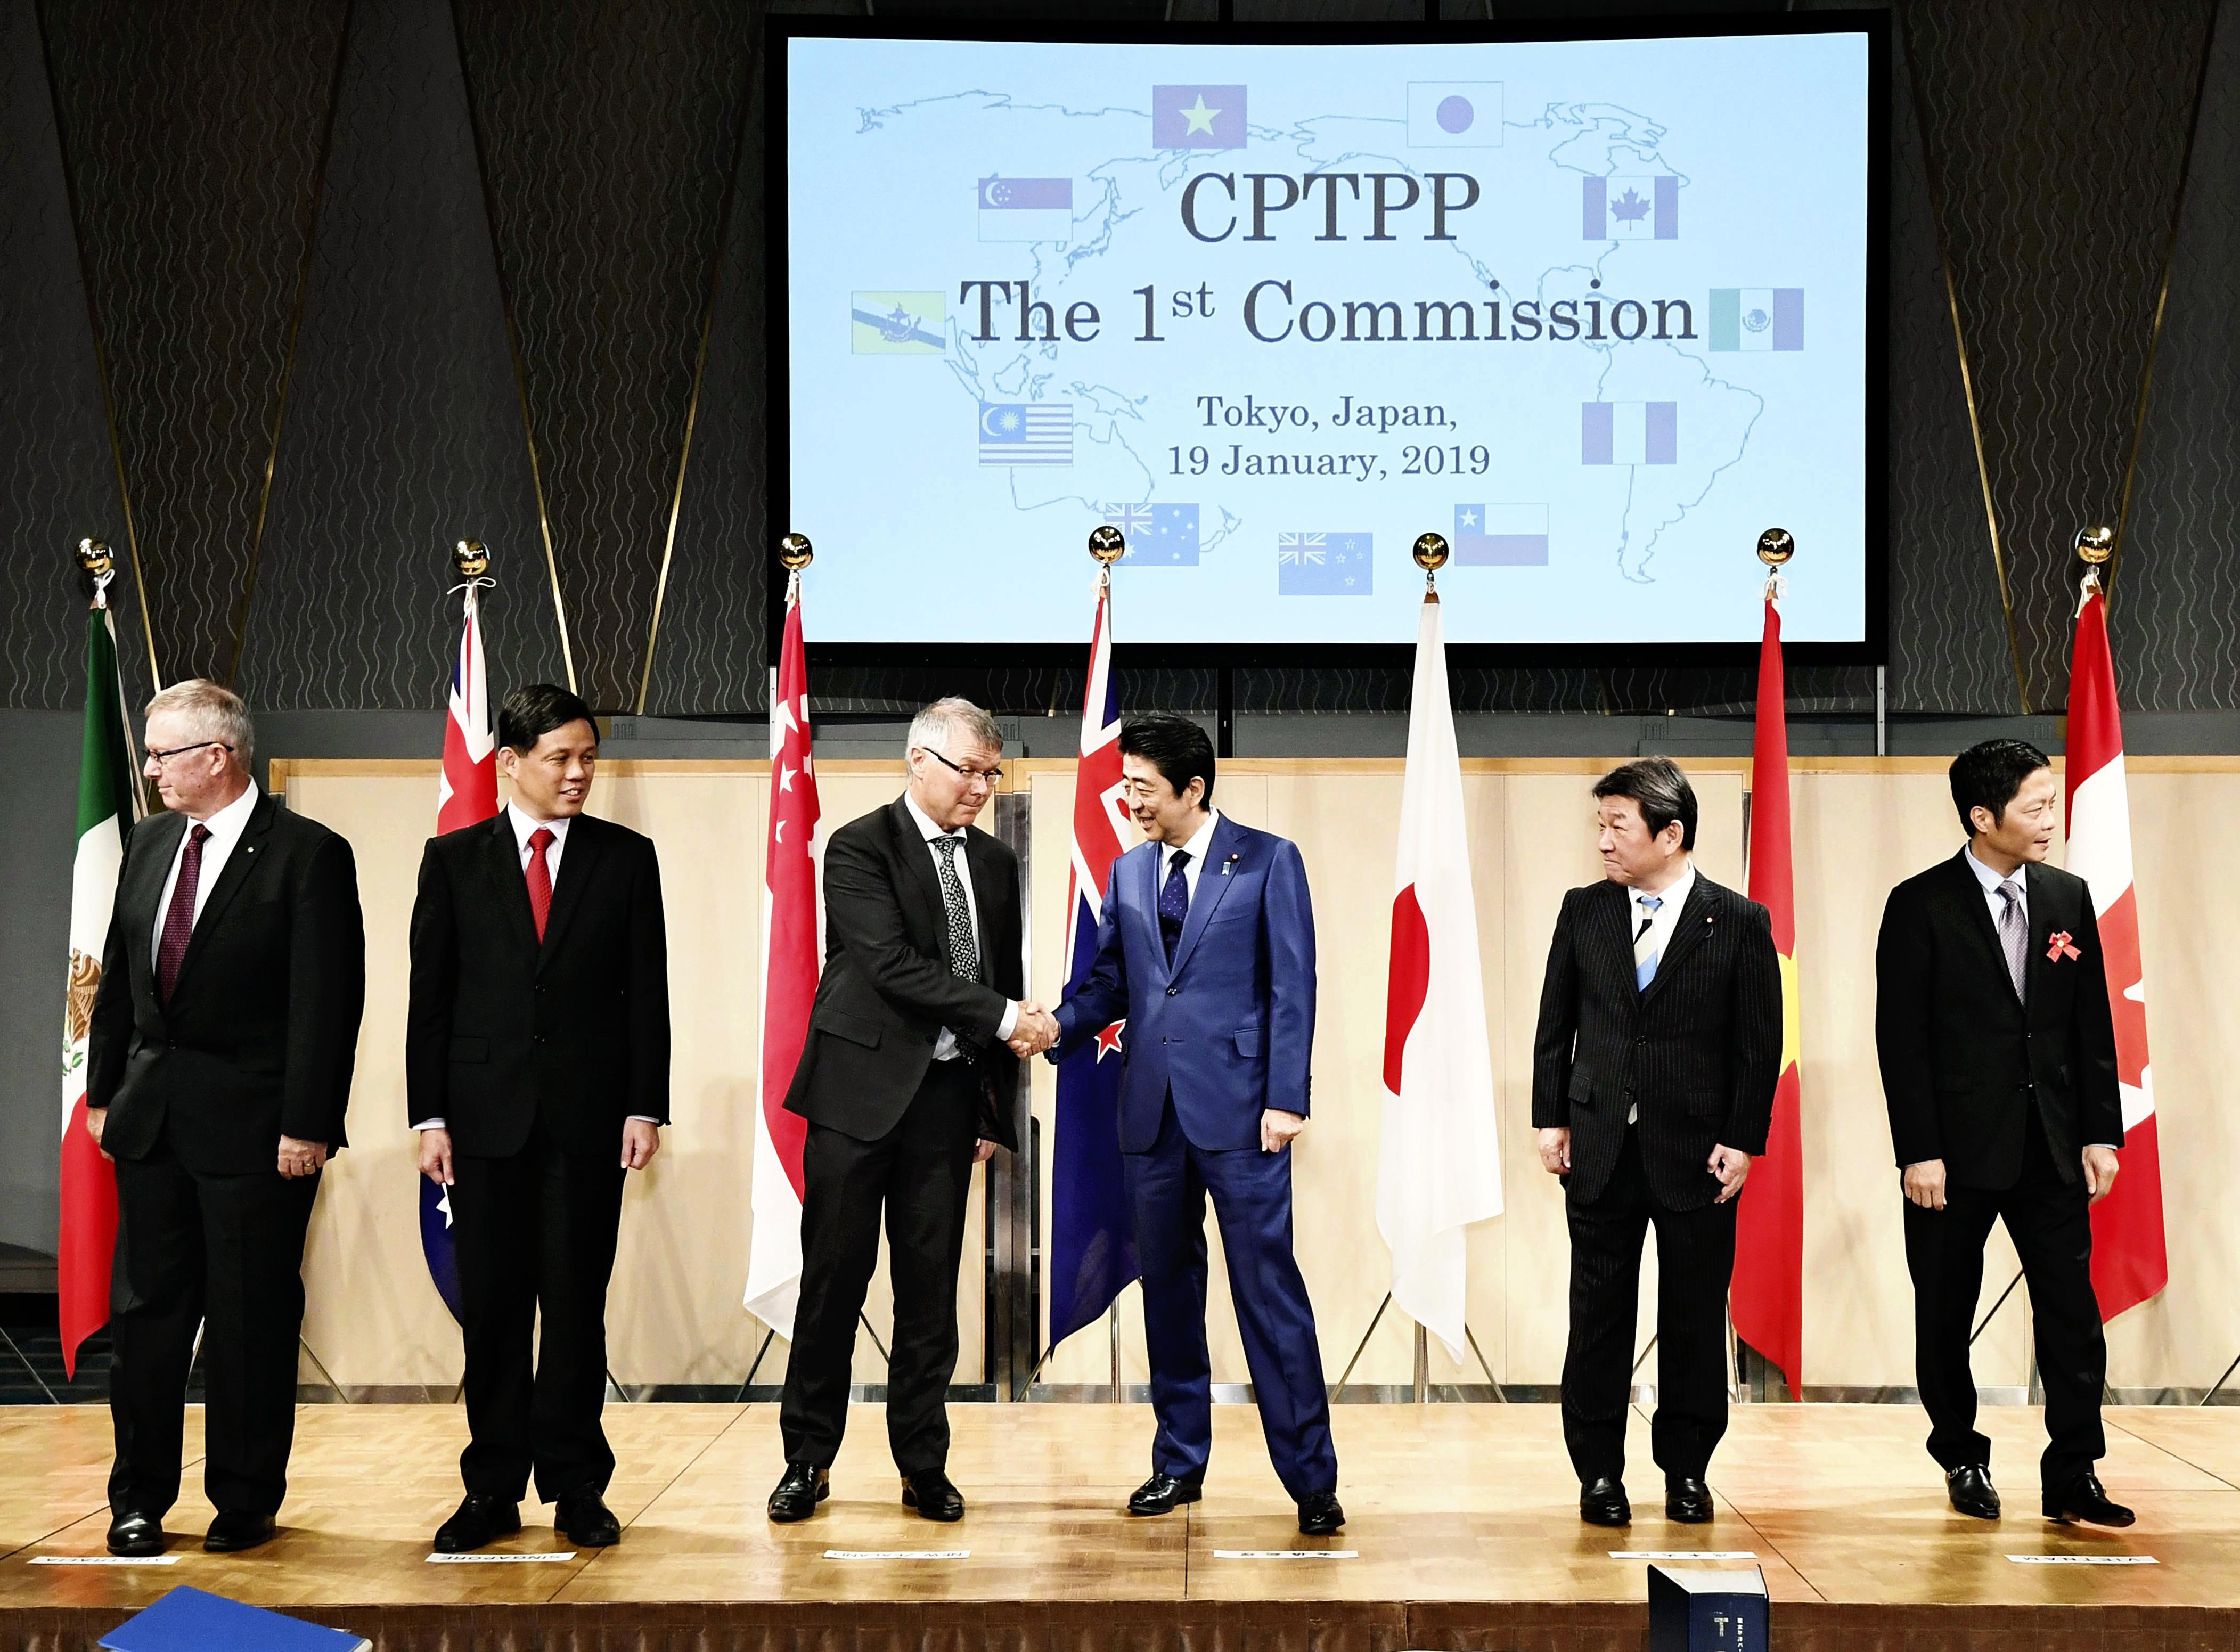 ▲▼ 日本19日在東京舉行首次「跨太平洋夥伴全面進步協定」(CPTPP)部長級會議。(圖/達志影像/美聯社)